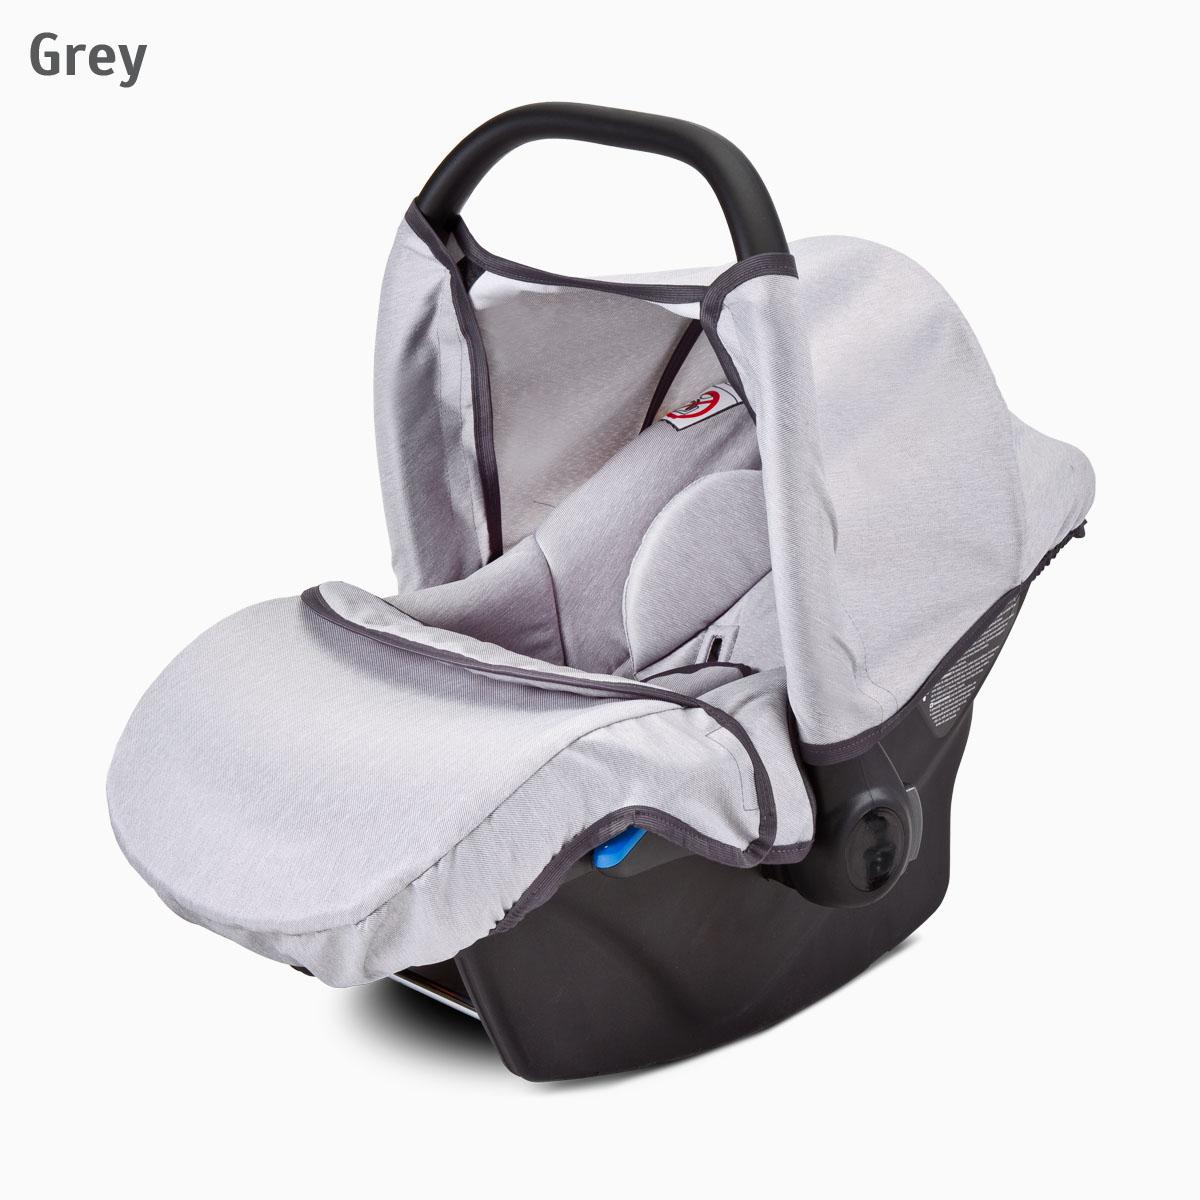 Musca car seat 0-10 kg – Camini